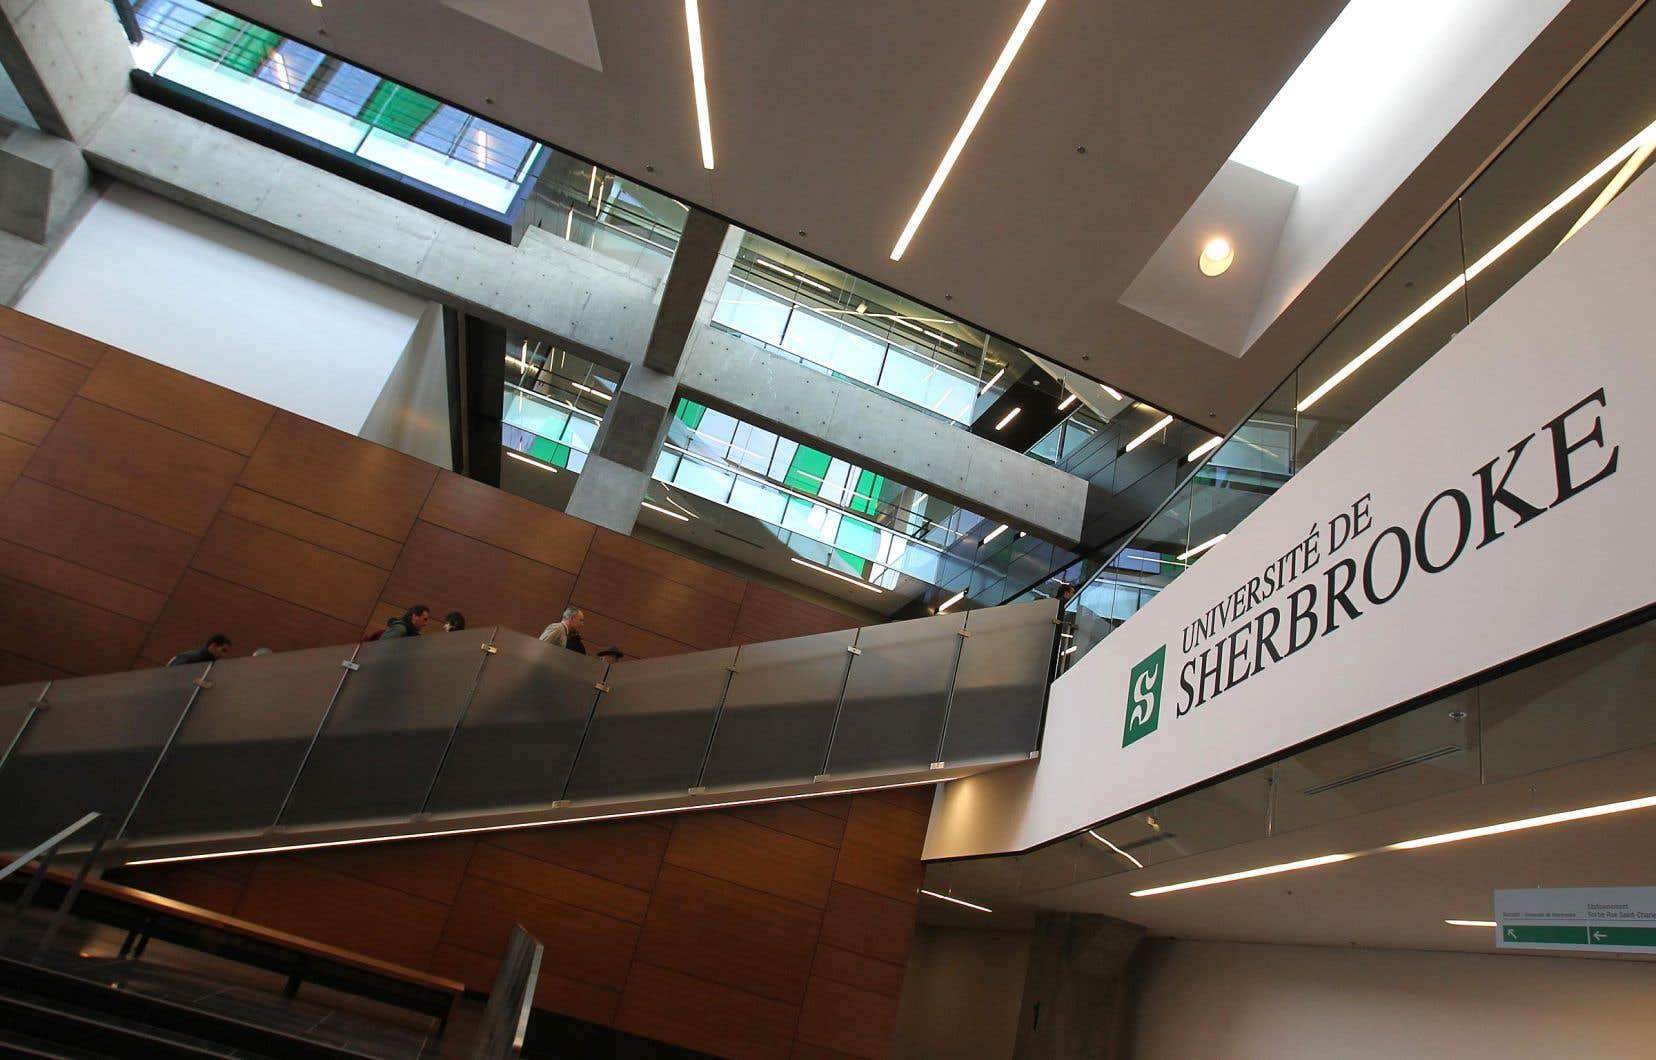 L'Université de Sherbrooke prévoit de distribuer par tirage au sort des bourses de 25000$ promises par Québec à tous les finissants au doctorat en psychologie qui font leur internat obligatoire de 1600 heures.